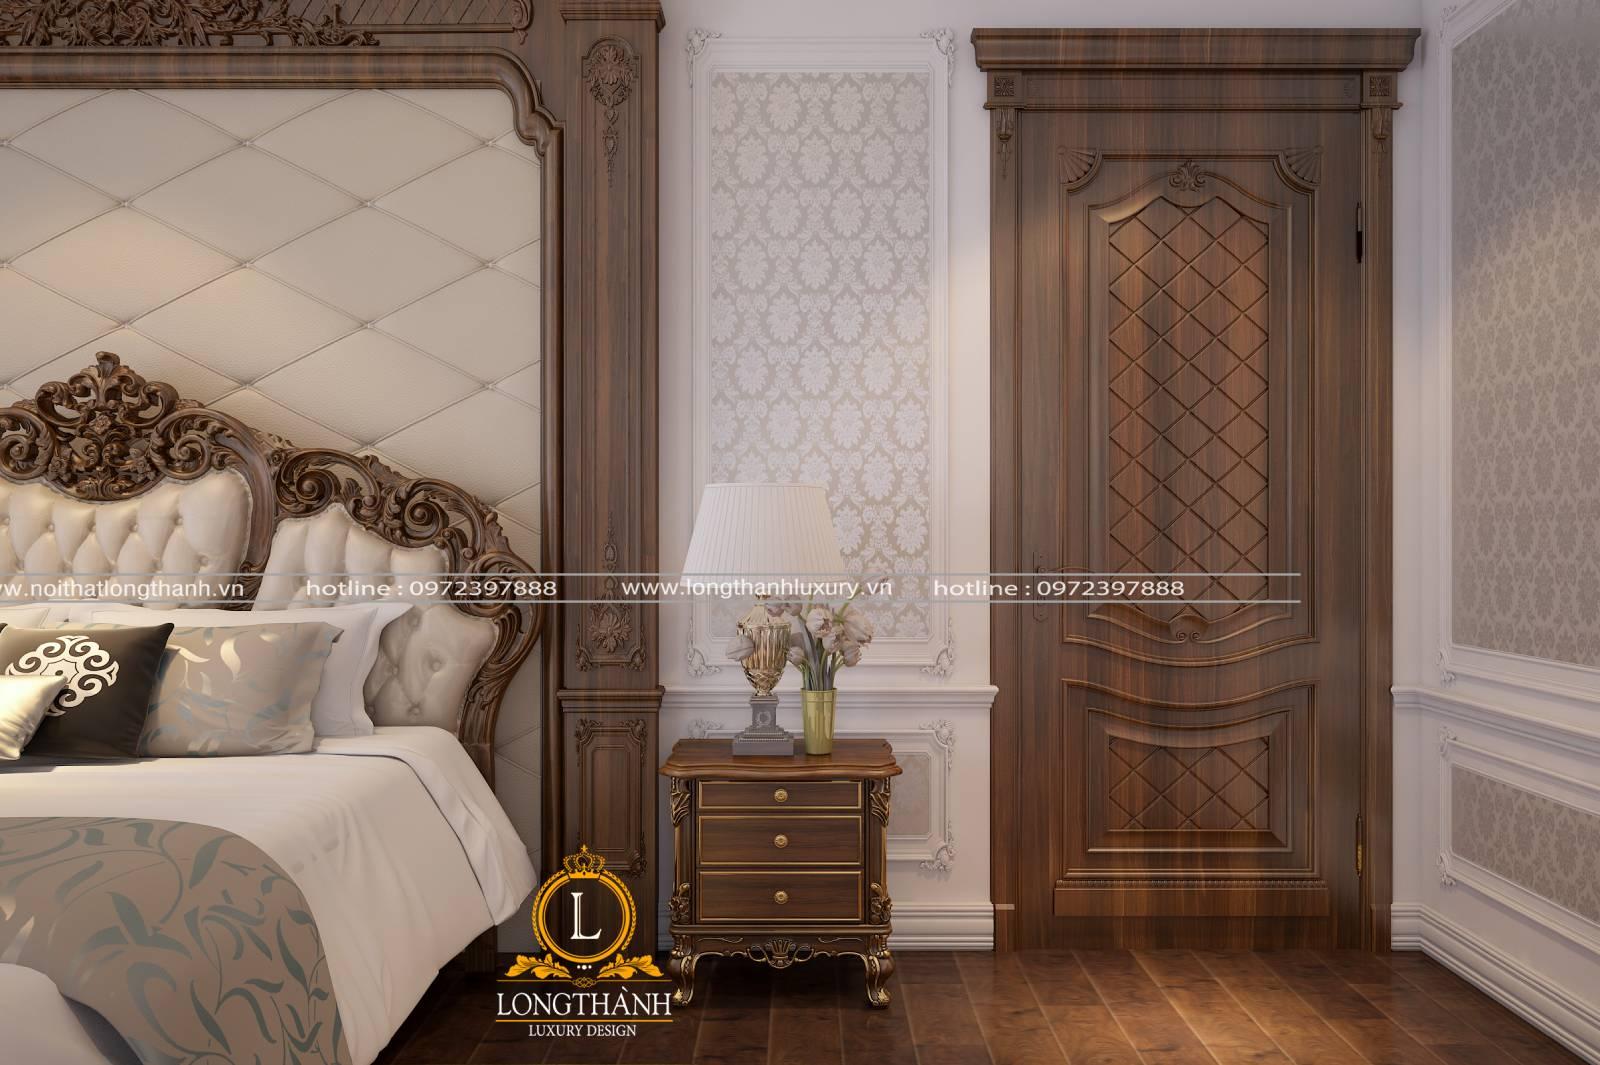 Những mẫu cửa gỗ lim đẹp nhất hiện nay